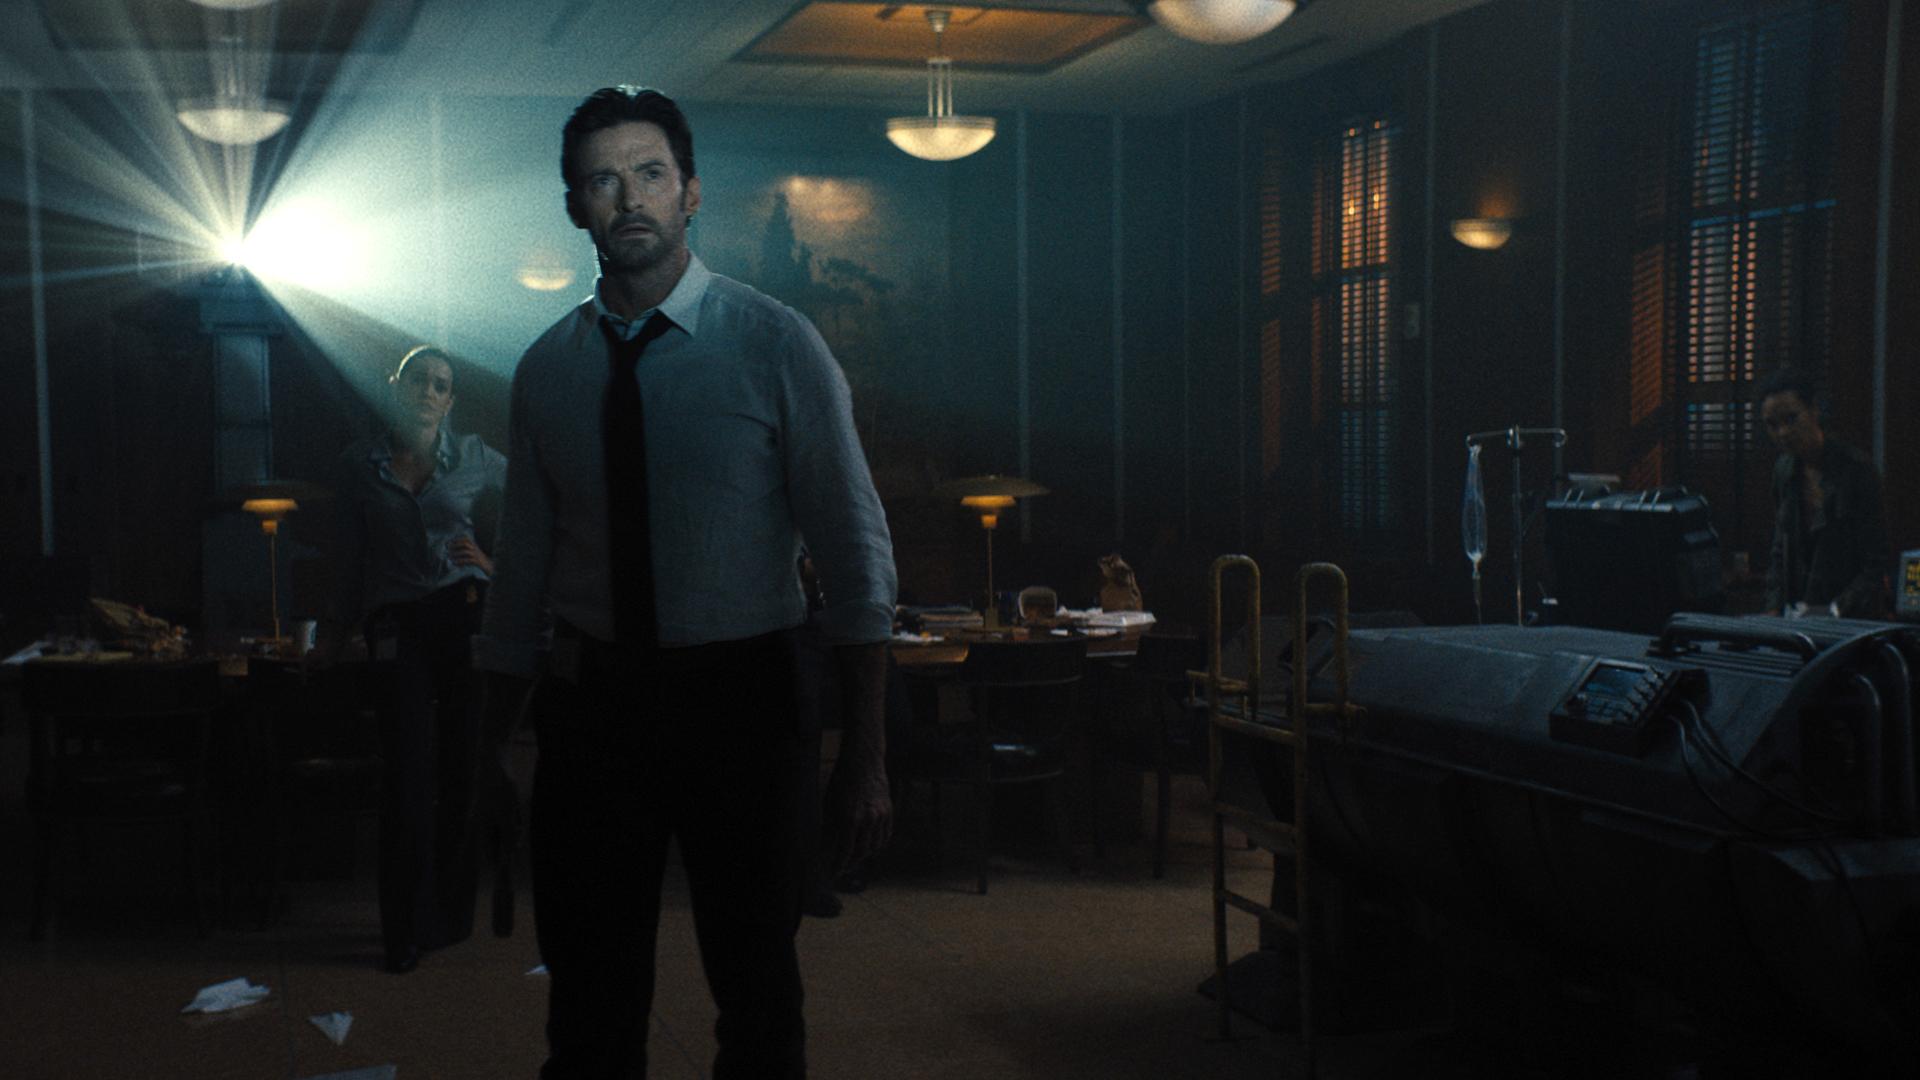 Nick Bannister parece sorprendido por lo que ve en la película de Warner Bros.  Reminiscencia